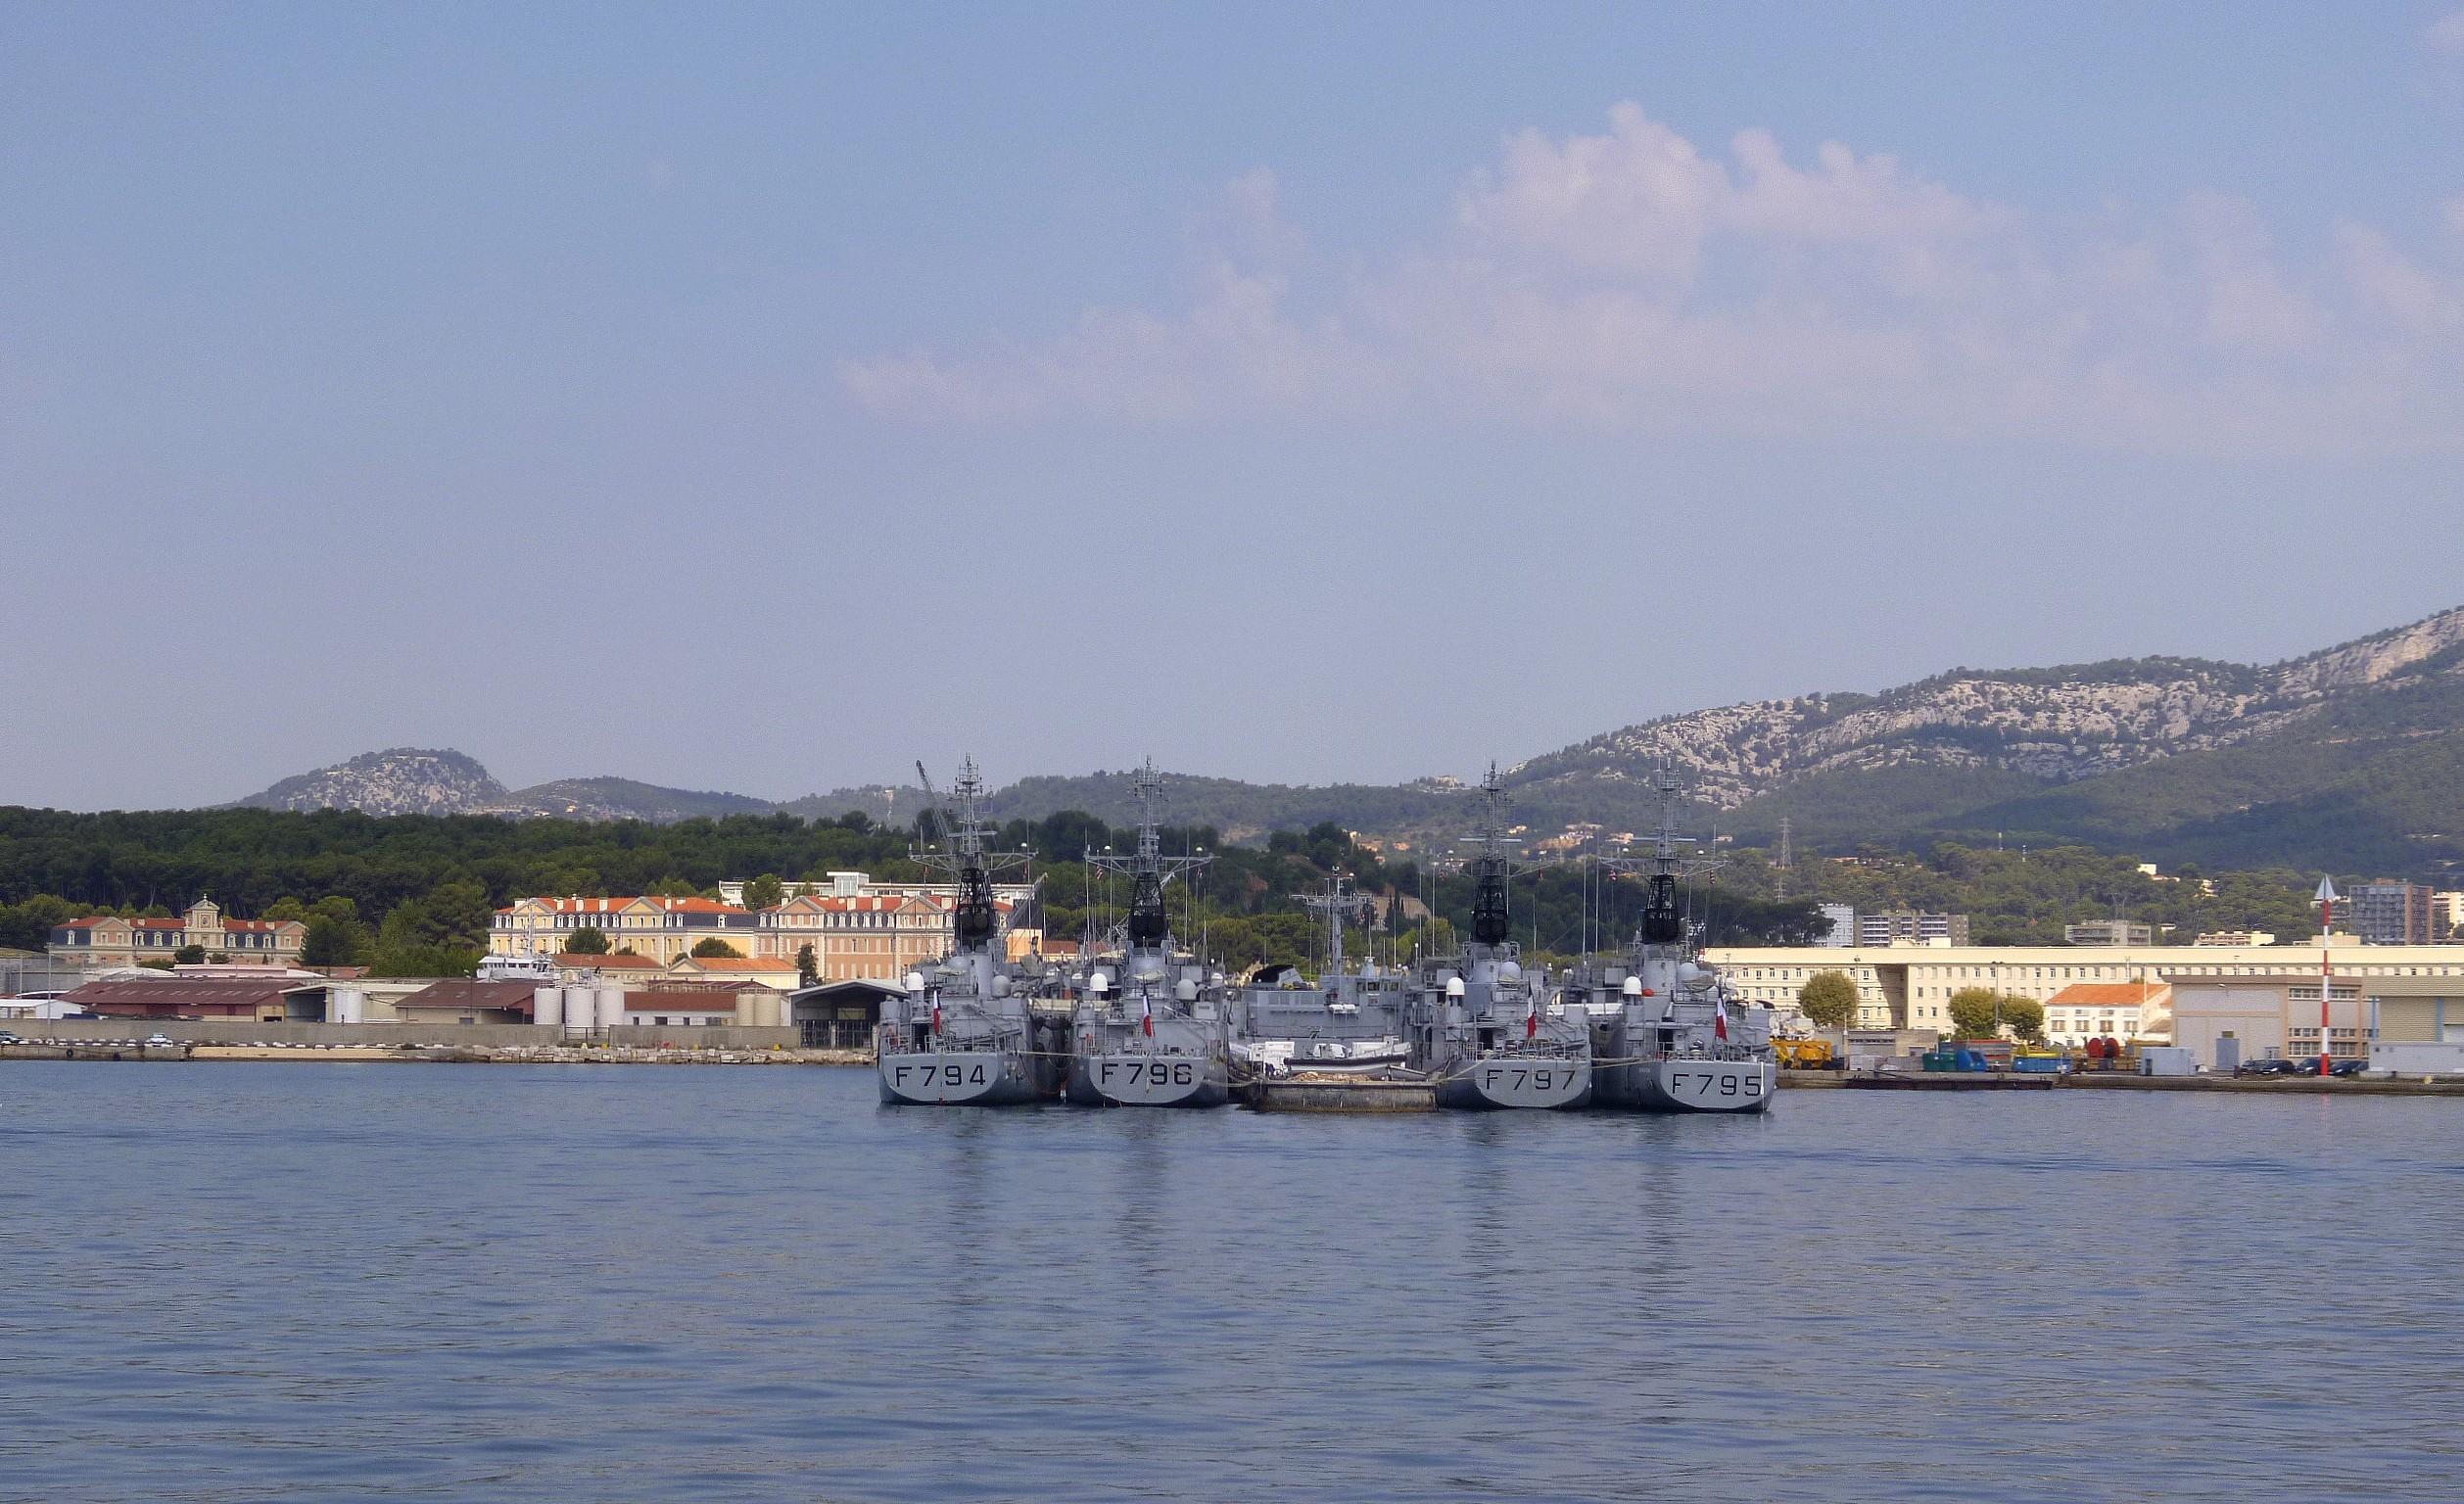 Les news en images du port de TOULON - Page 36 9565097198_8ceb392435_o